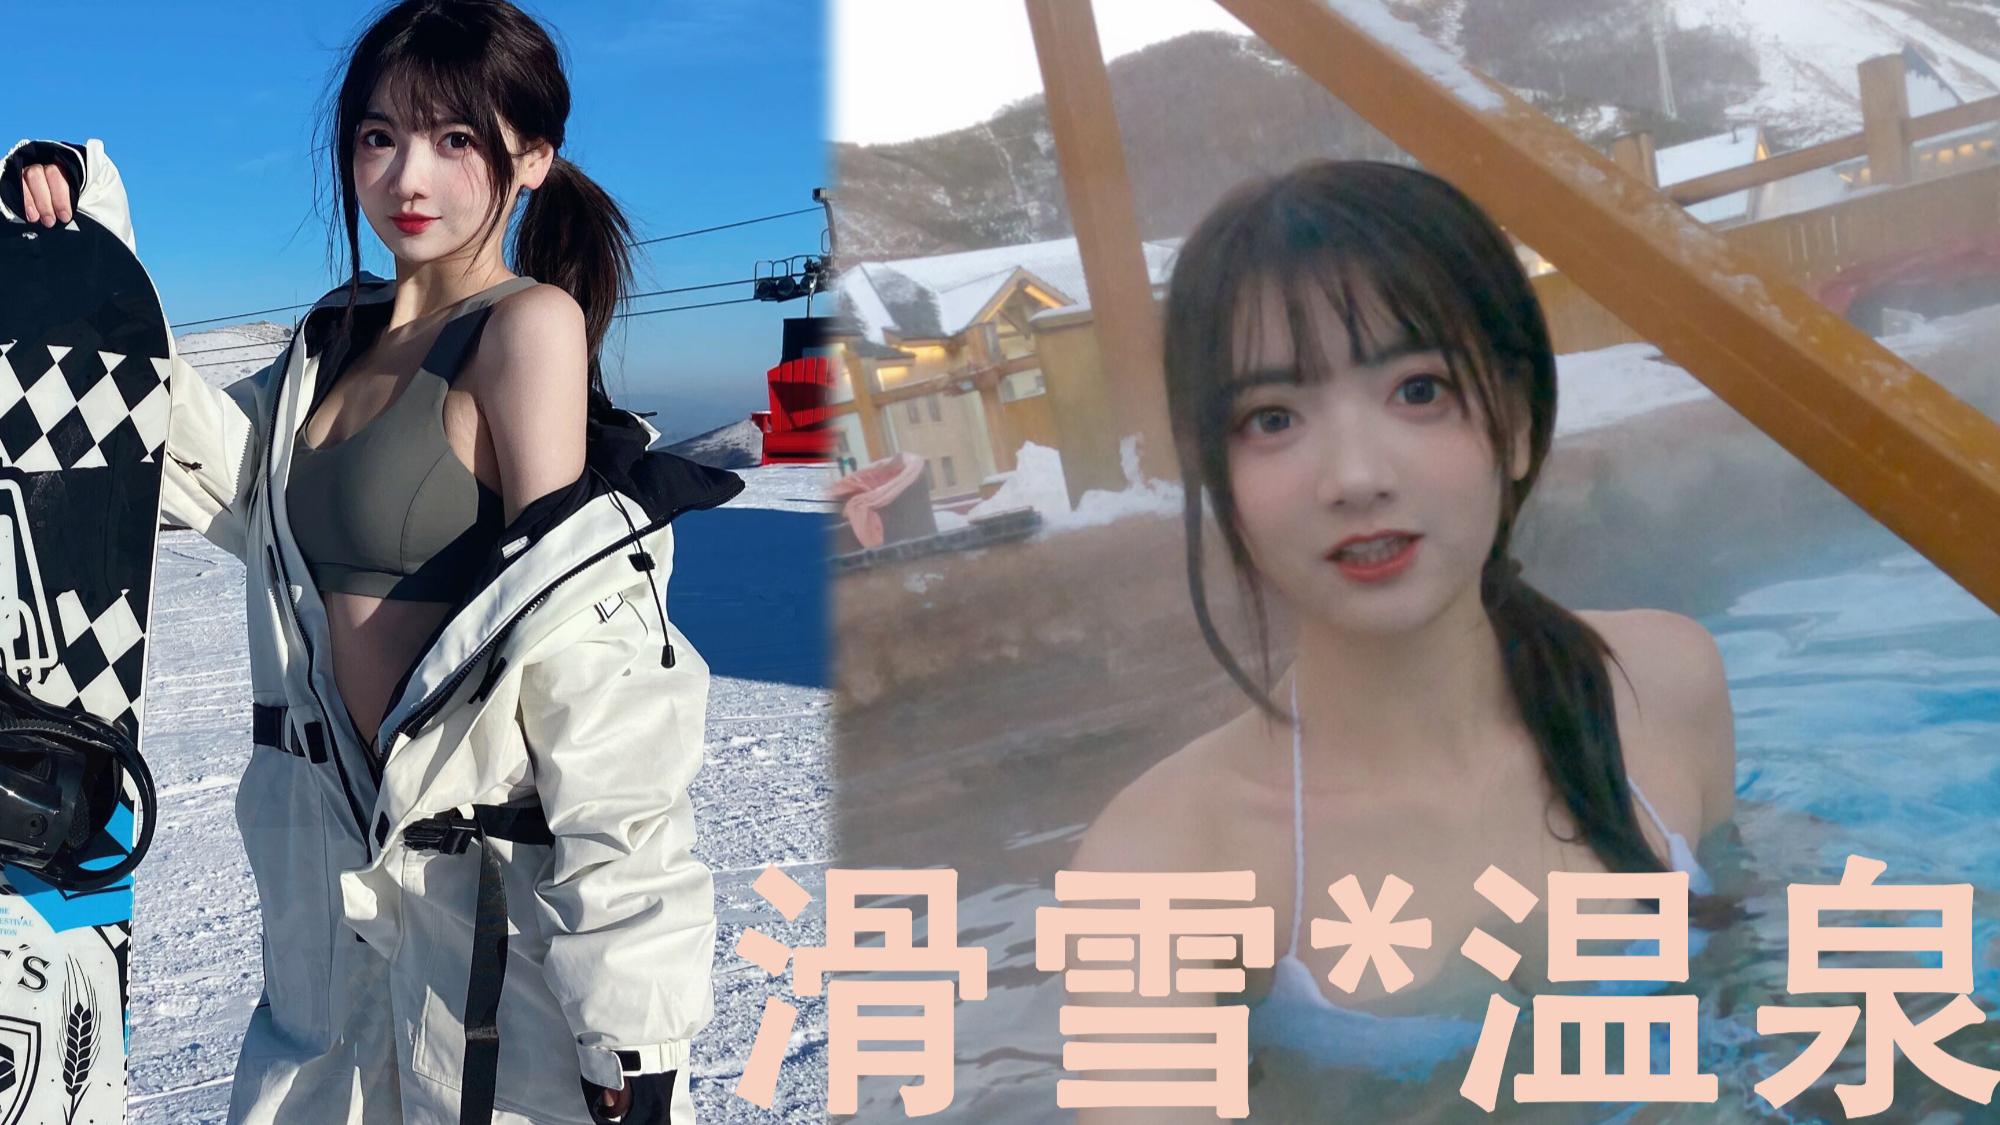 【女友视角】和我一起温泉滑雪by GoPro9